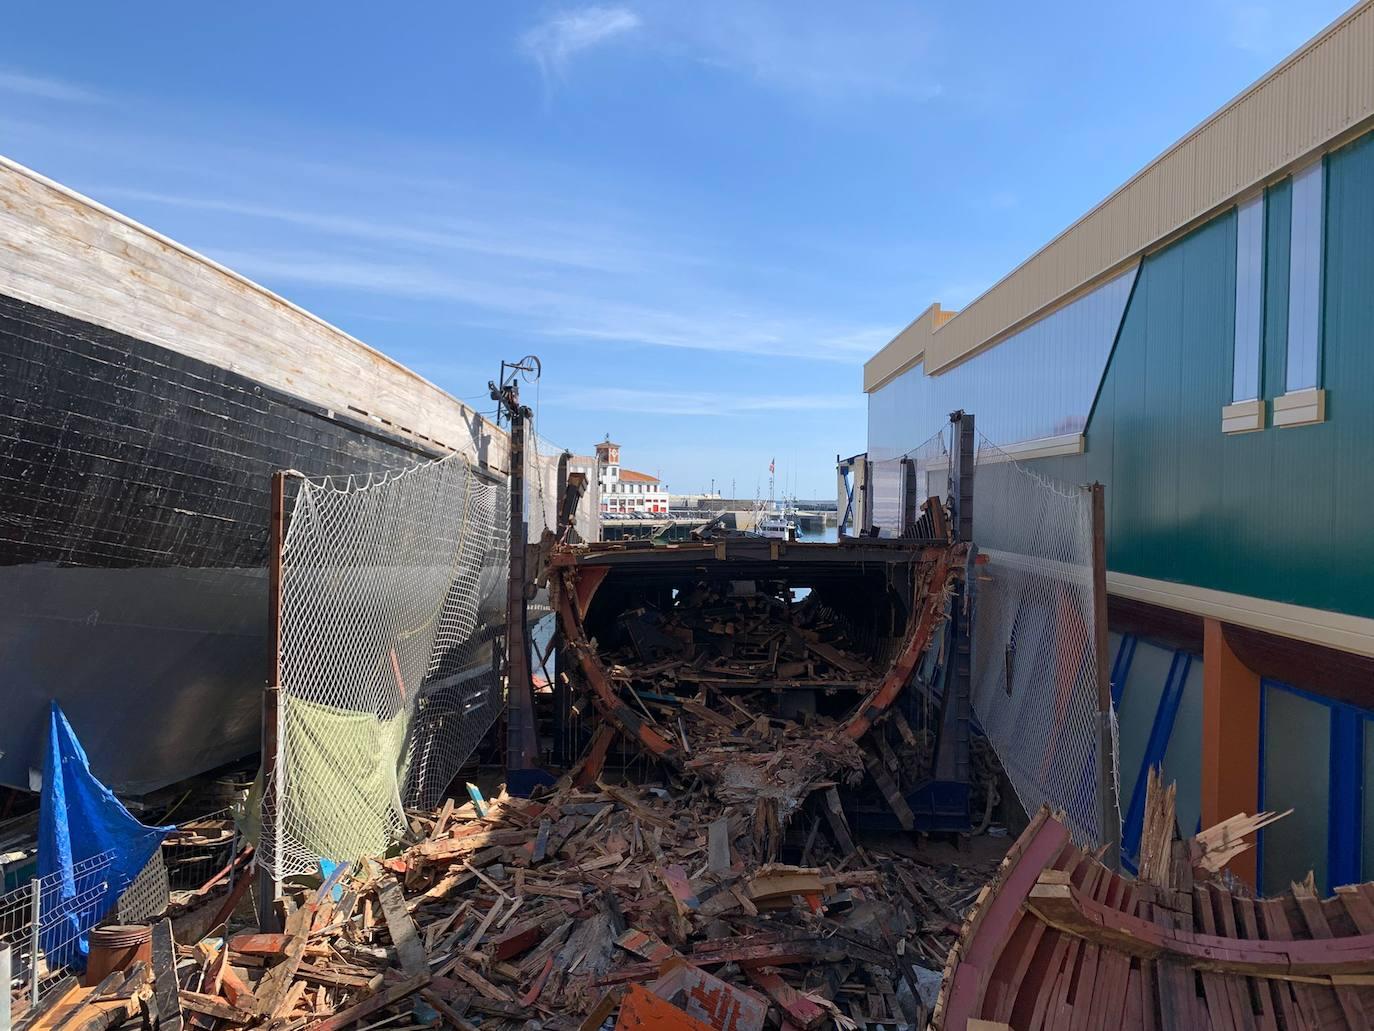 Bermeo destina 77.400 euros al desguace del ballenero al resultar «insostenible» su mantenimiento